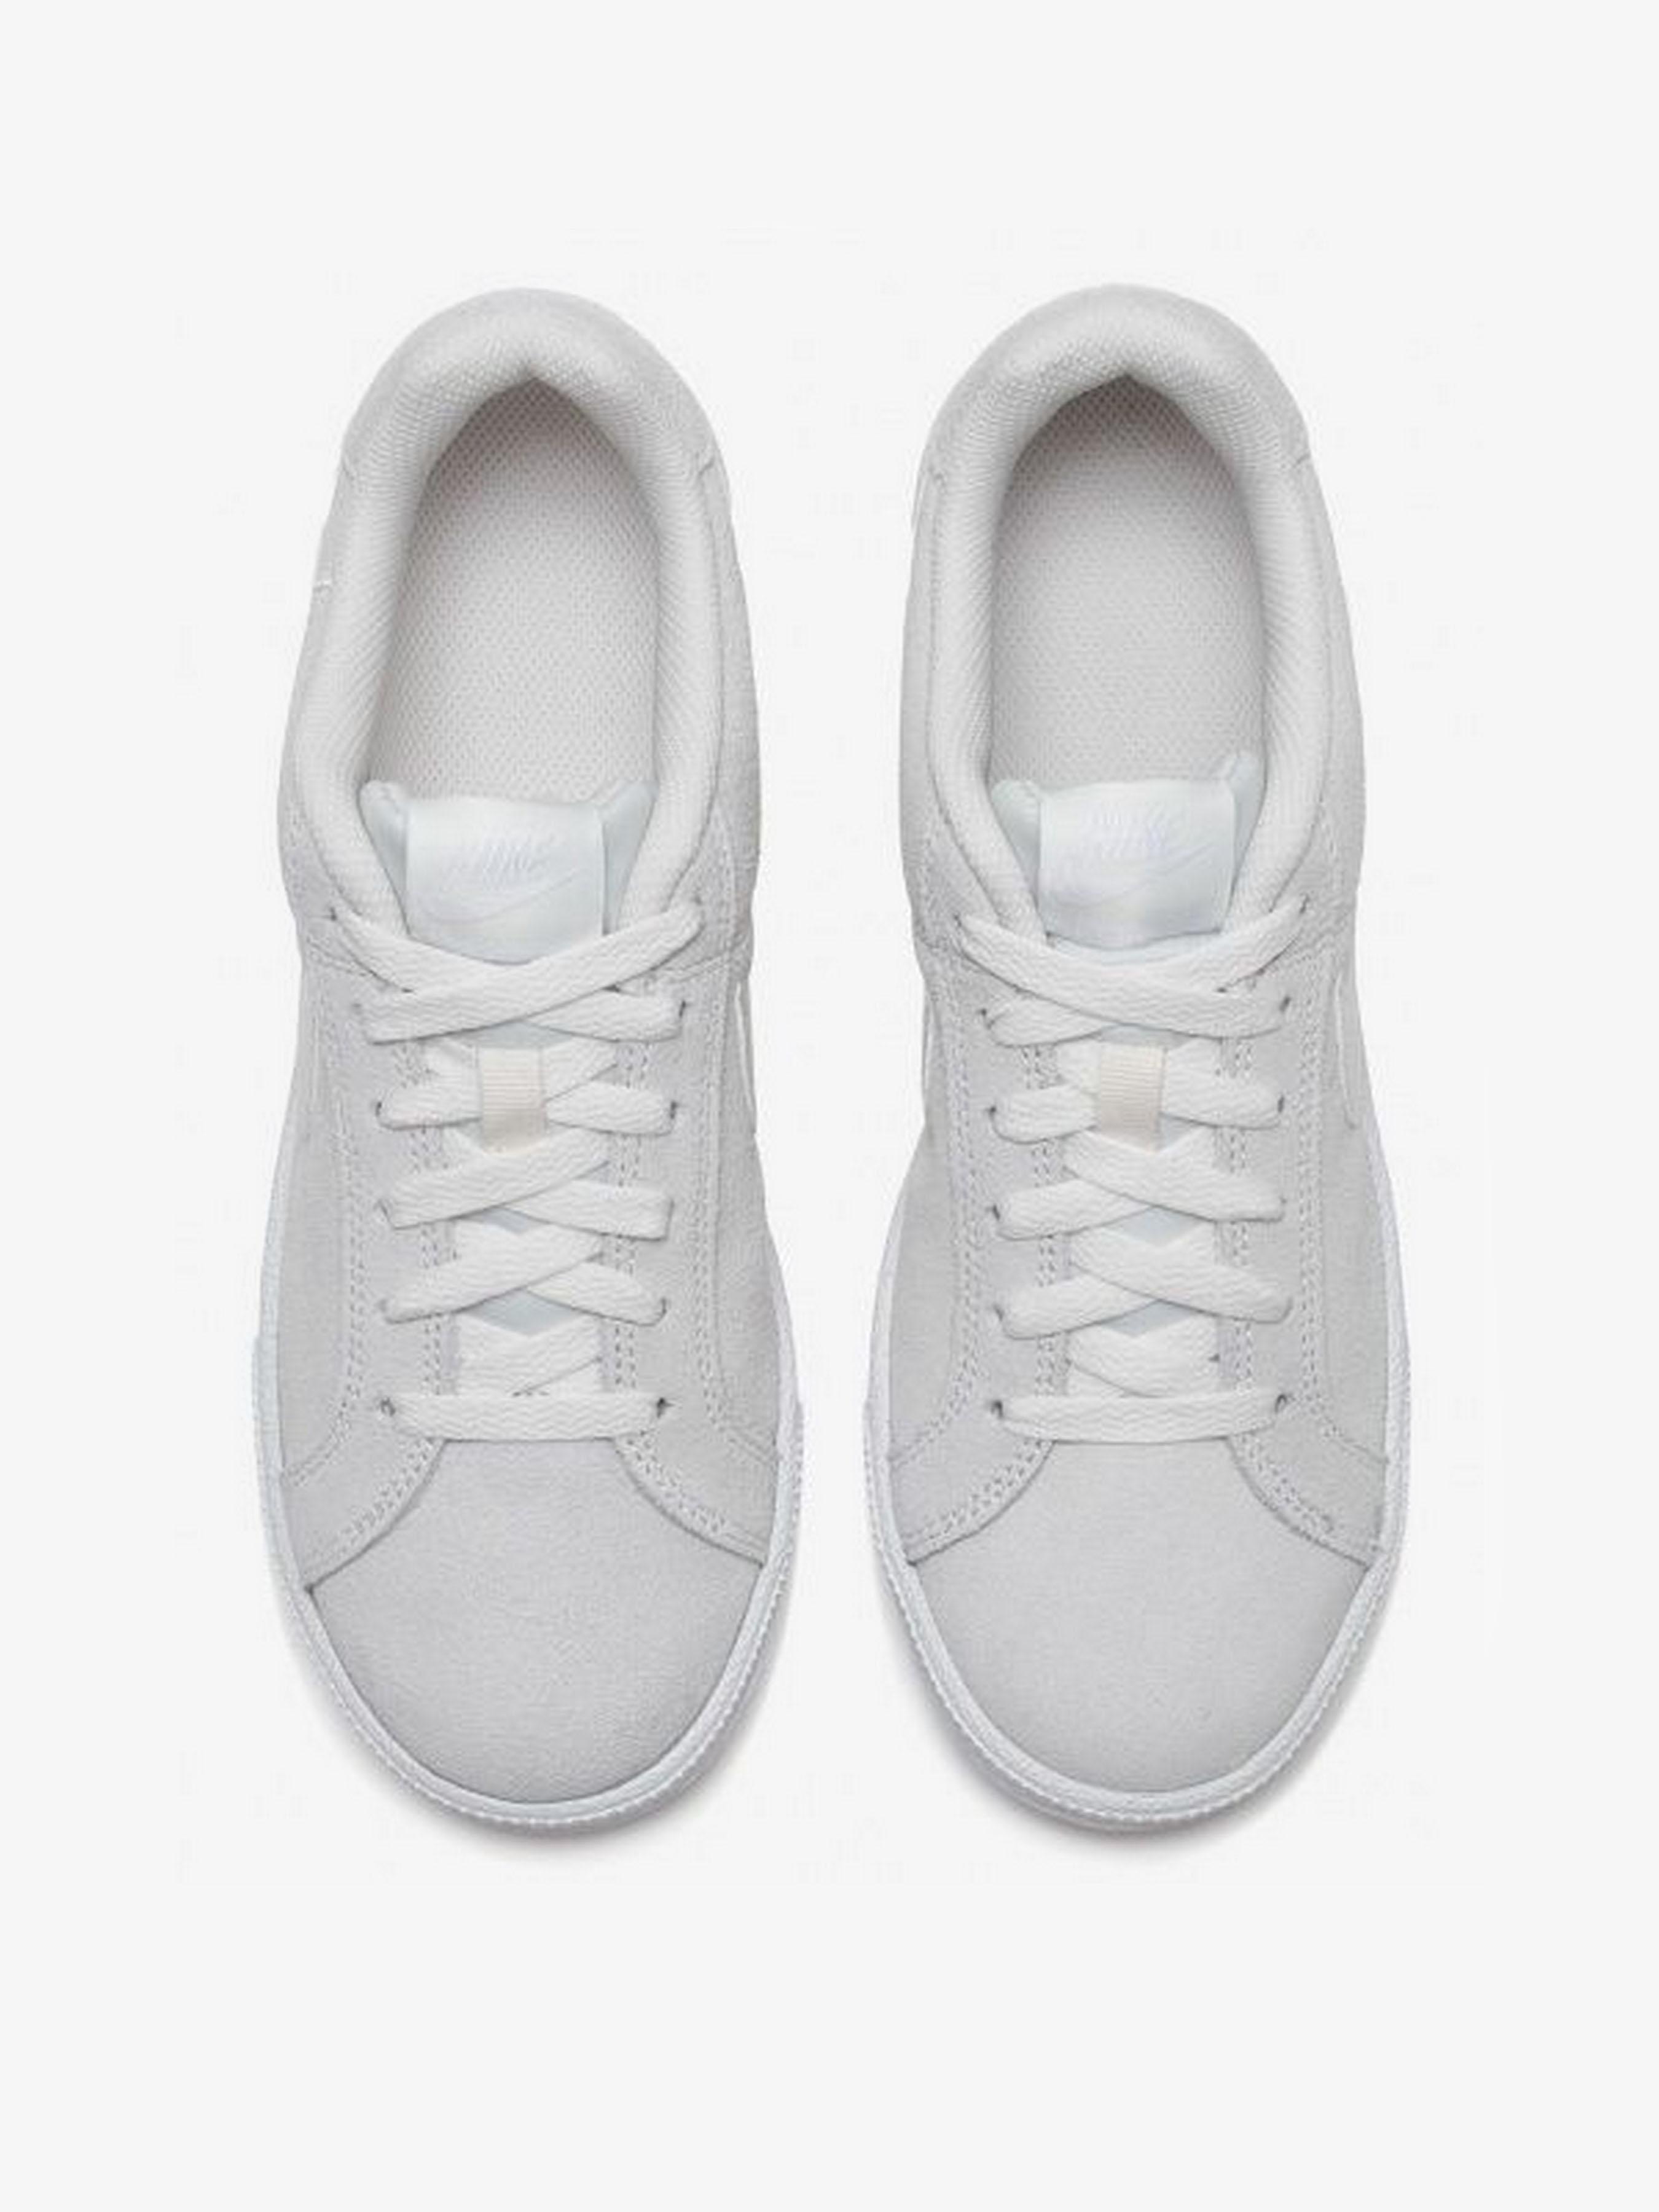 Кроссовки женские NIKE Court Royale Premium CF154 брендовая обувь, 2017